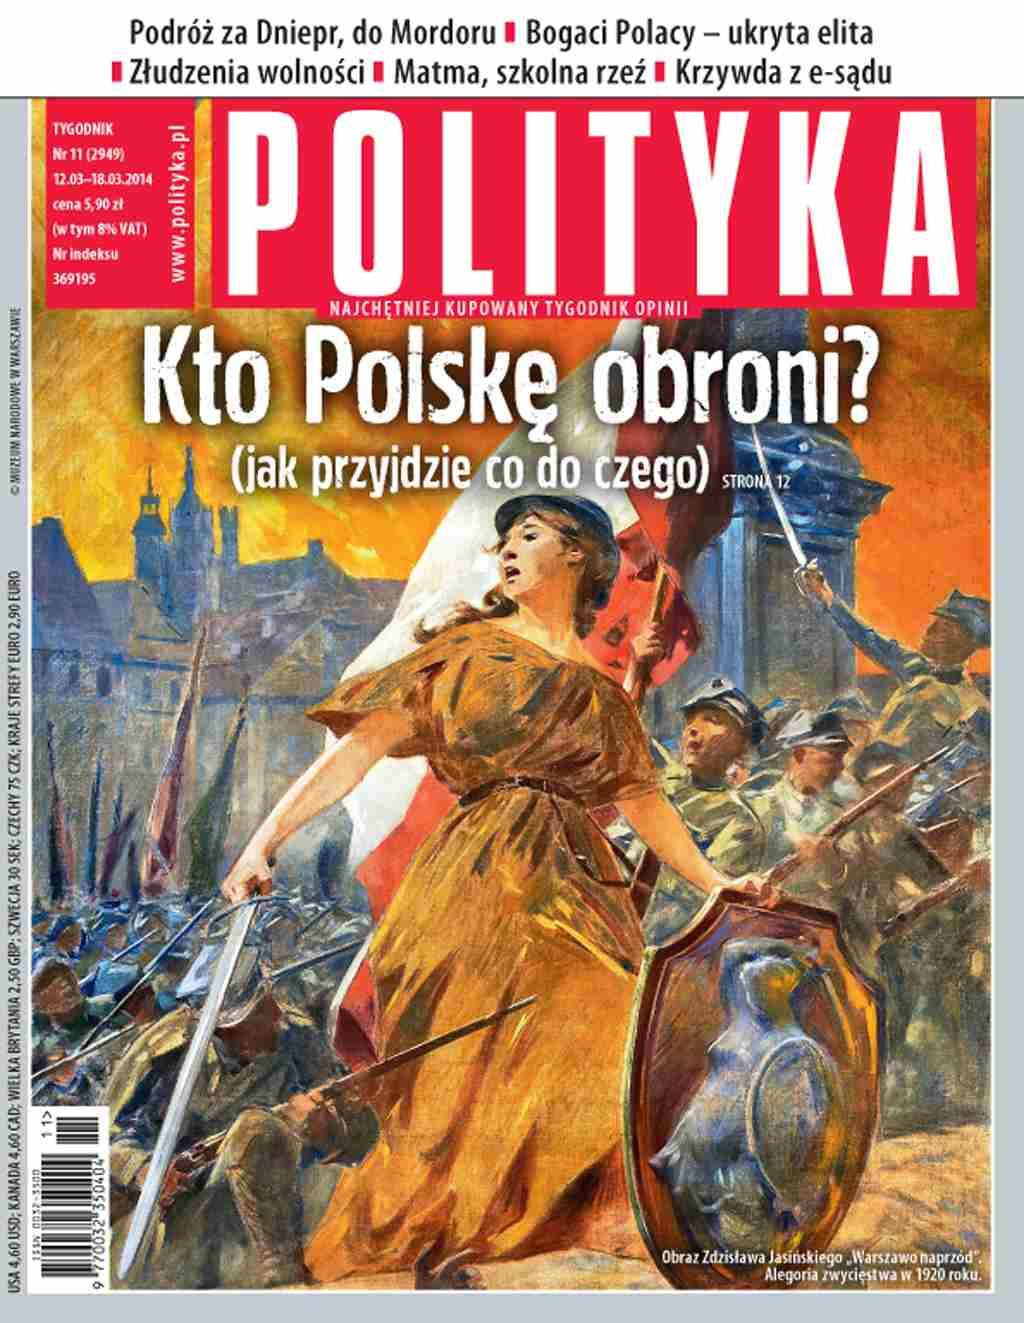 Polityka nr 11/2014 - Ebook (Książka PDF) do pobrania w formacie PDF